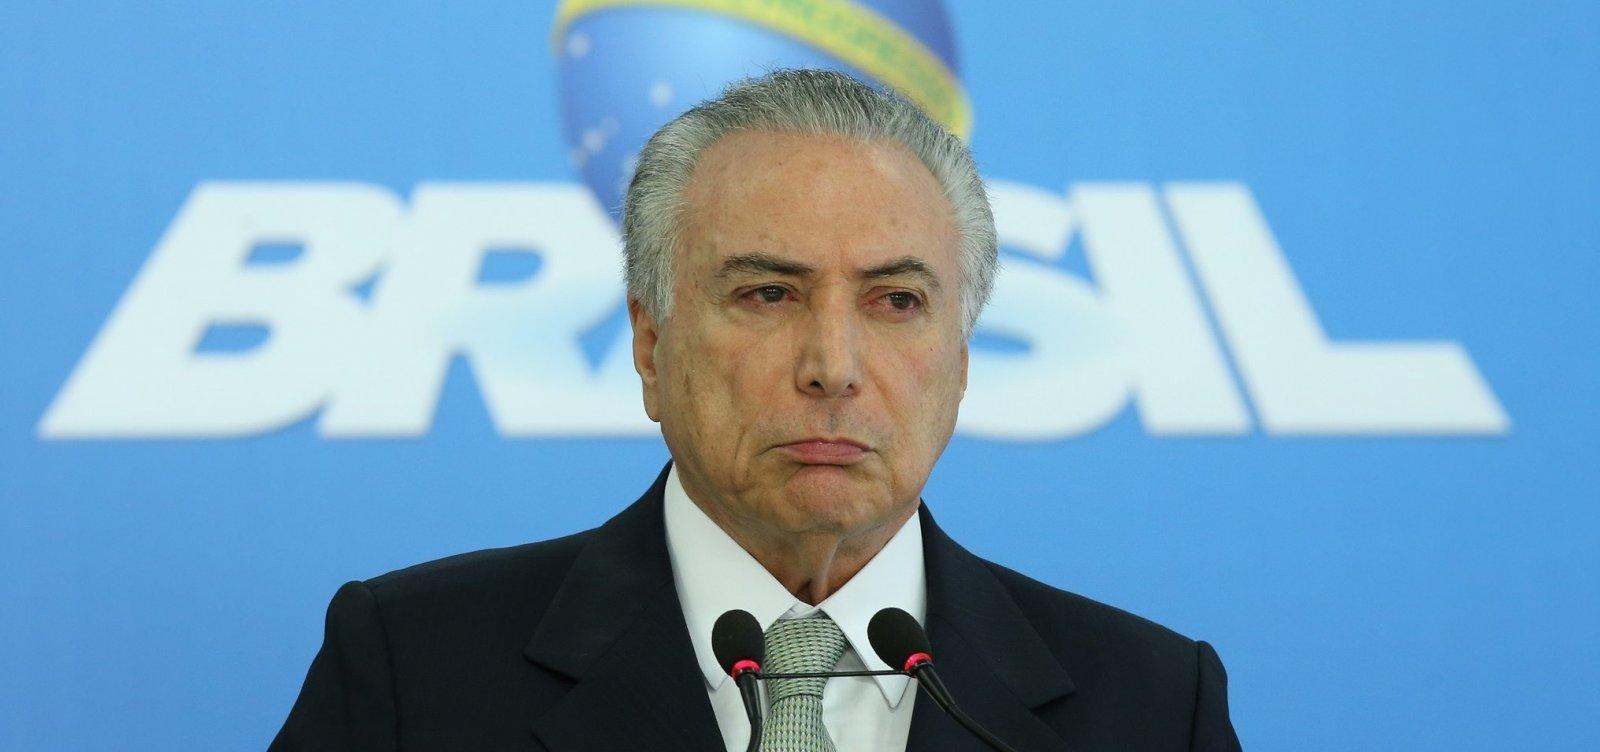 Próximo presidente terá que 'necessariamente' fazer reforma da Previdência, diz Temer